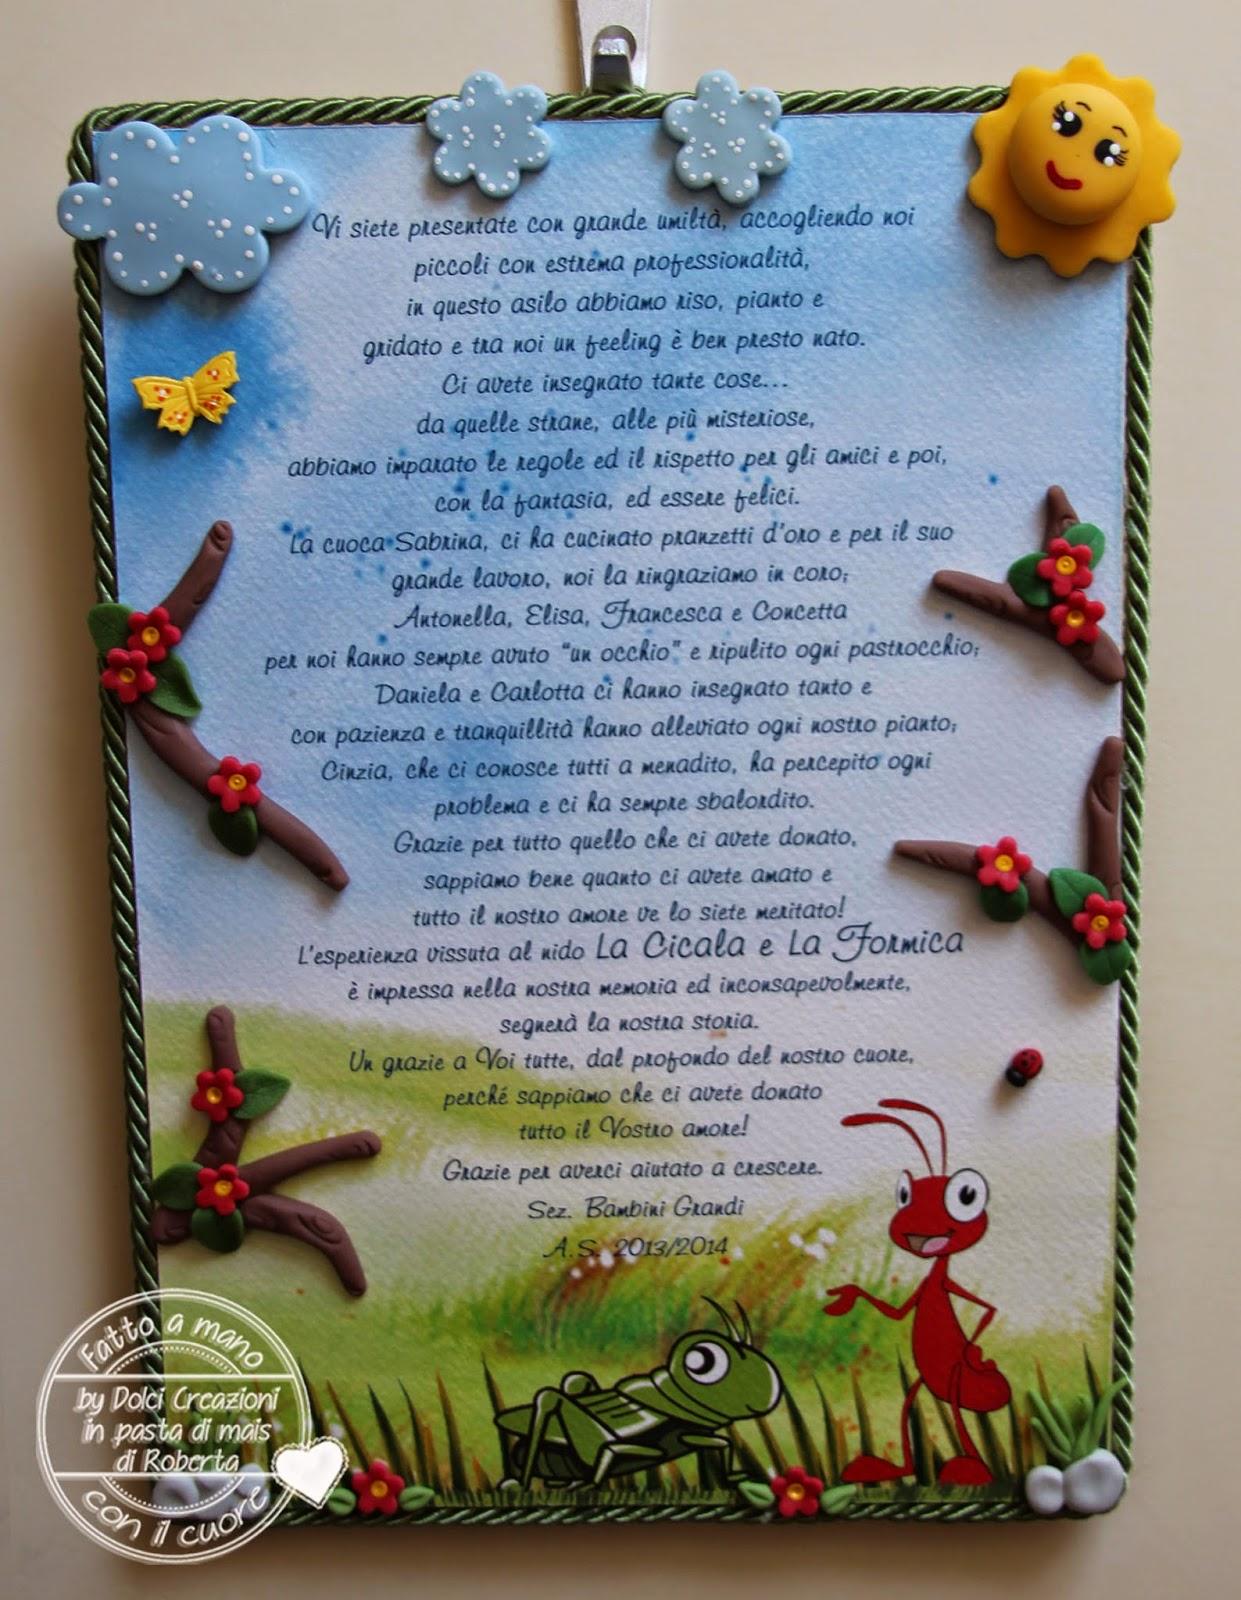 Frasi ringraziamenti,Belle frasi ringraziamen frasissime it - frasi di ringraziamento formali per maestre